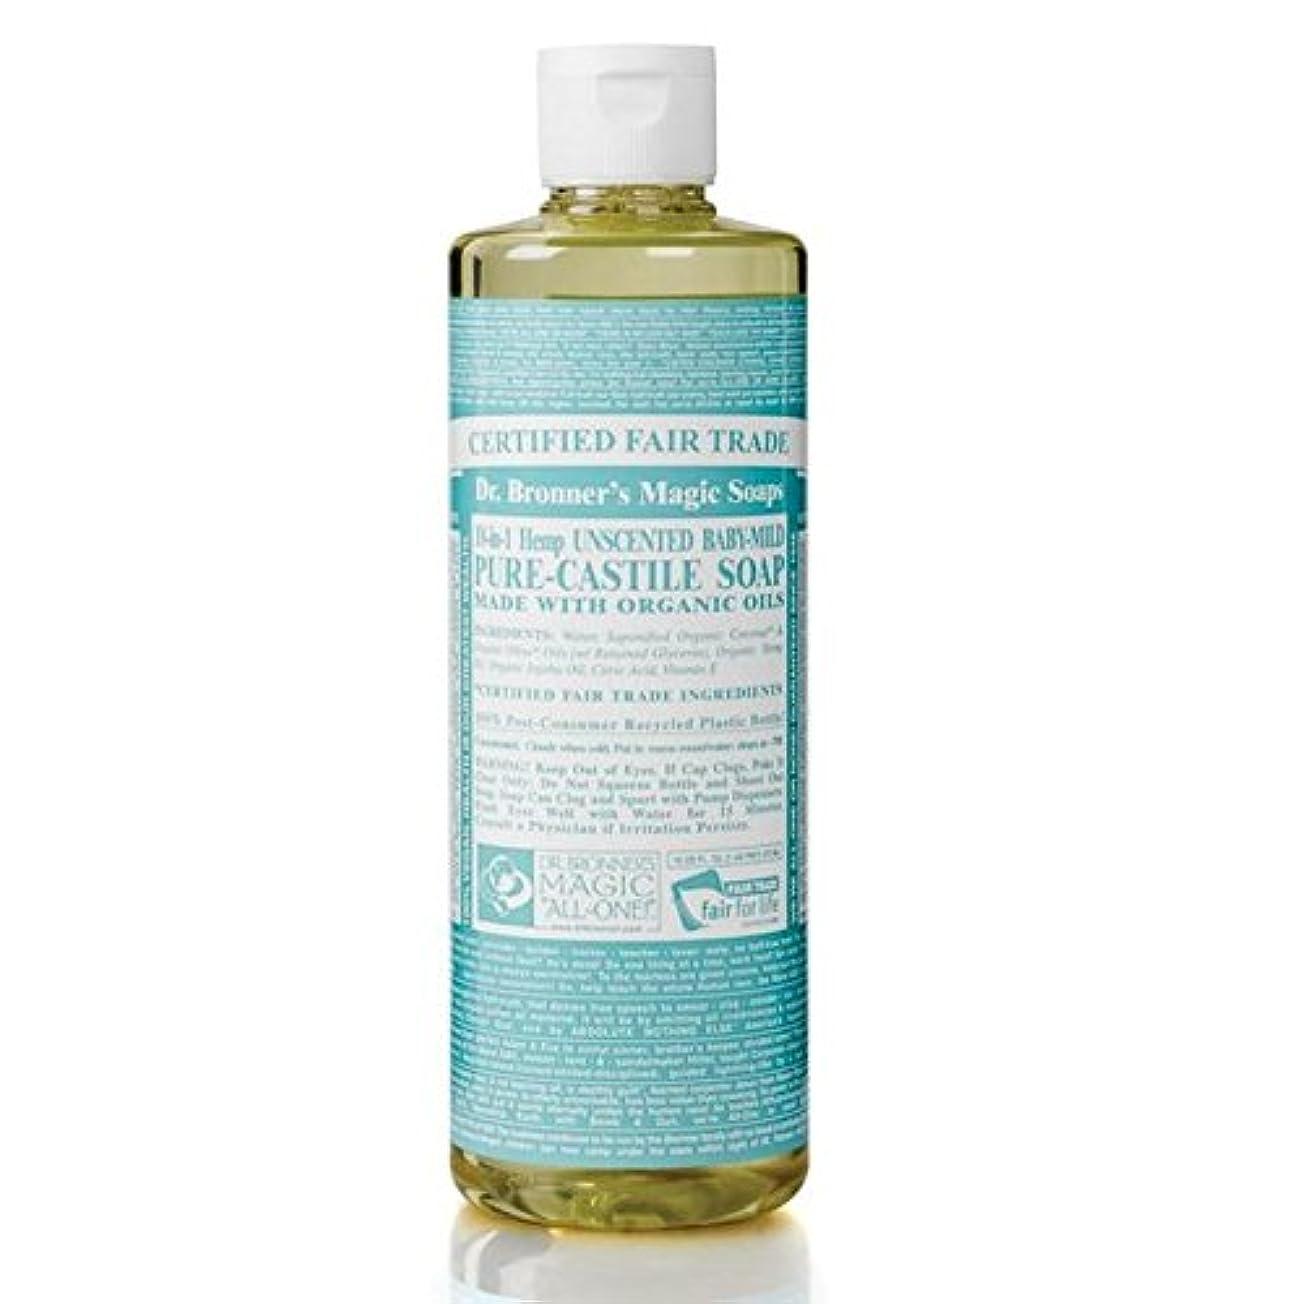 スクラップブック驚いたテメリティのブロナーオーガニックベビーマイルドなカスティーリャ液体石鹸473ミリリットル x2 - Dr Bronner Organic Baby Mild Castile Liquid Soap 473ml (Pack of 2) [並行輸入品]